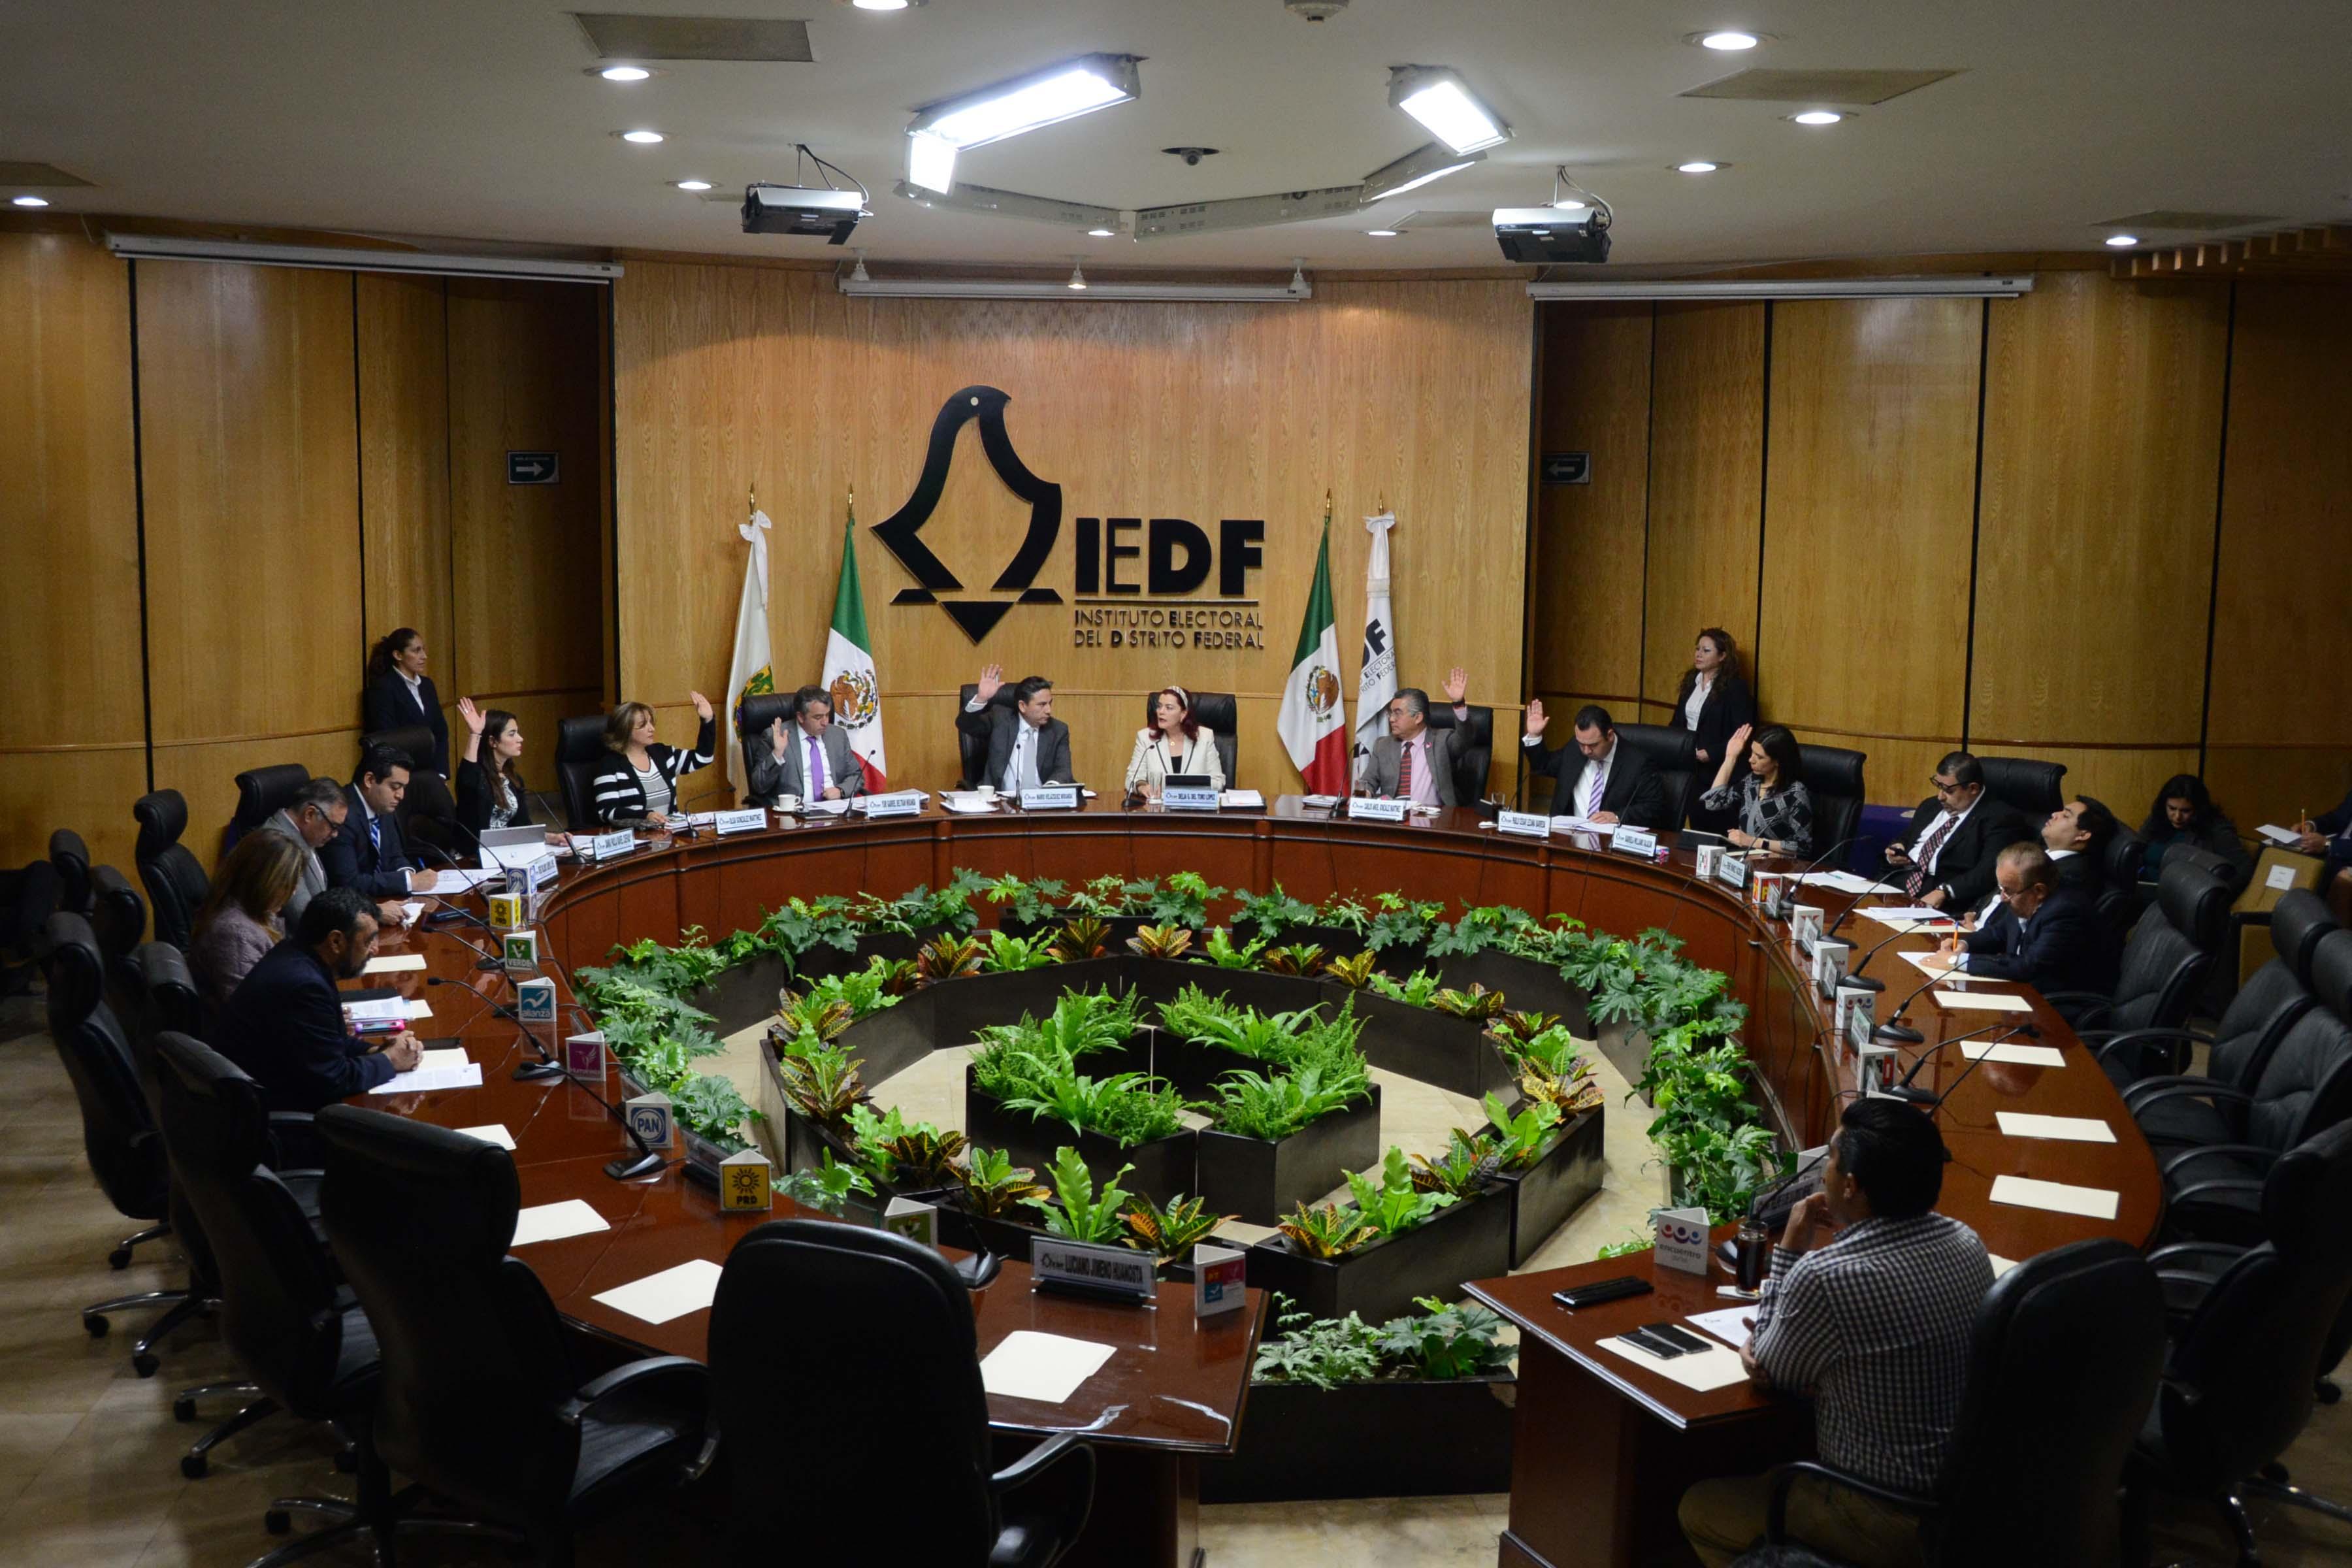 Alista IEDF campaña de difusión para promover los derechos político-electorales en el extranjero